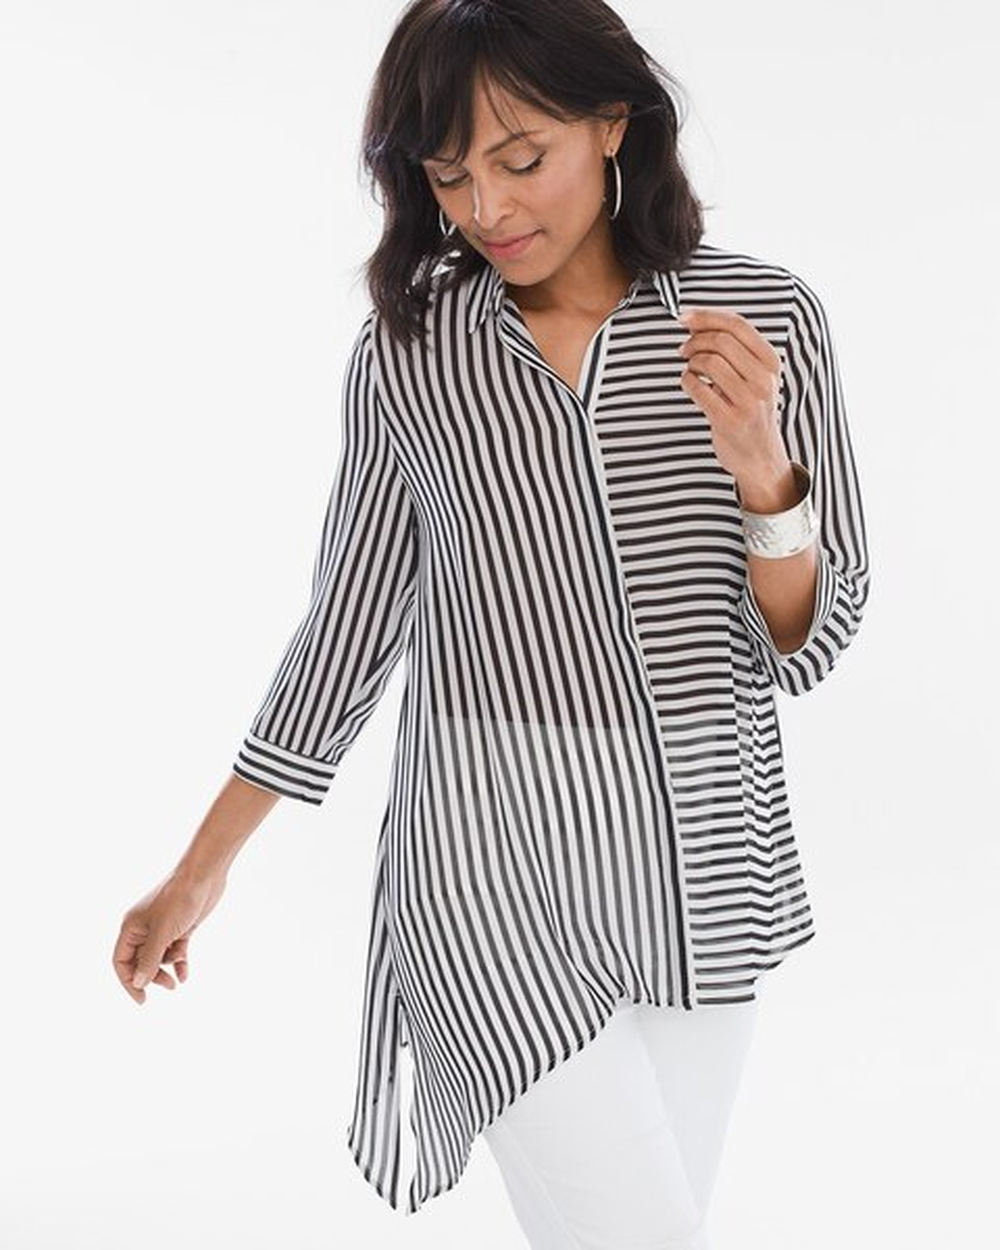 368031f68e55 Striped Asymmetrical Hem Shirt - Chico's